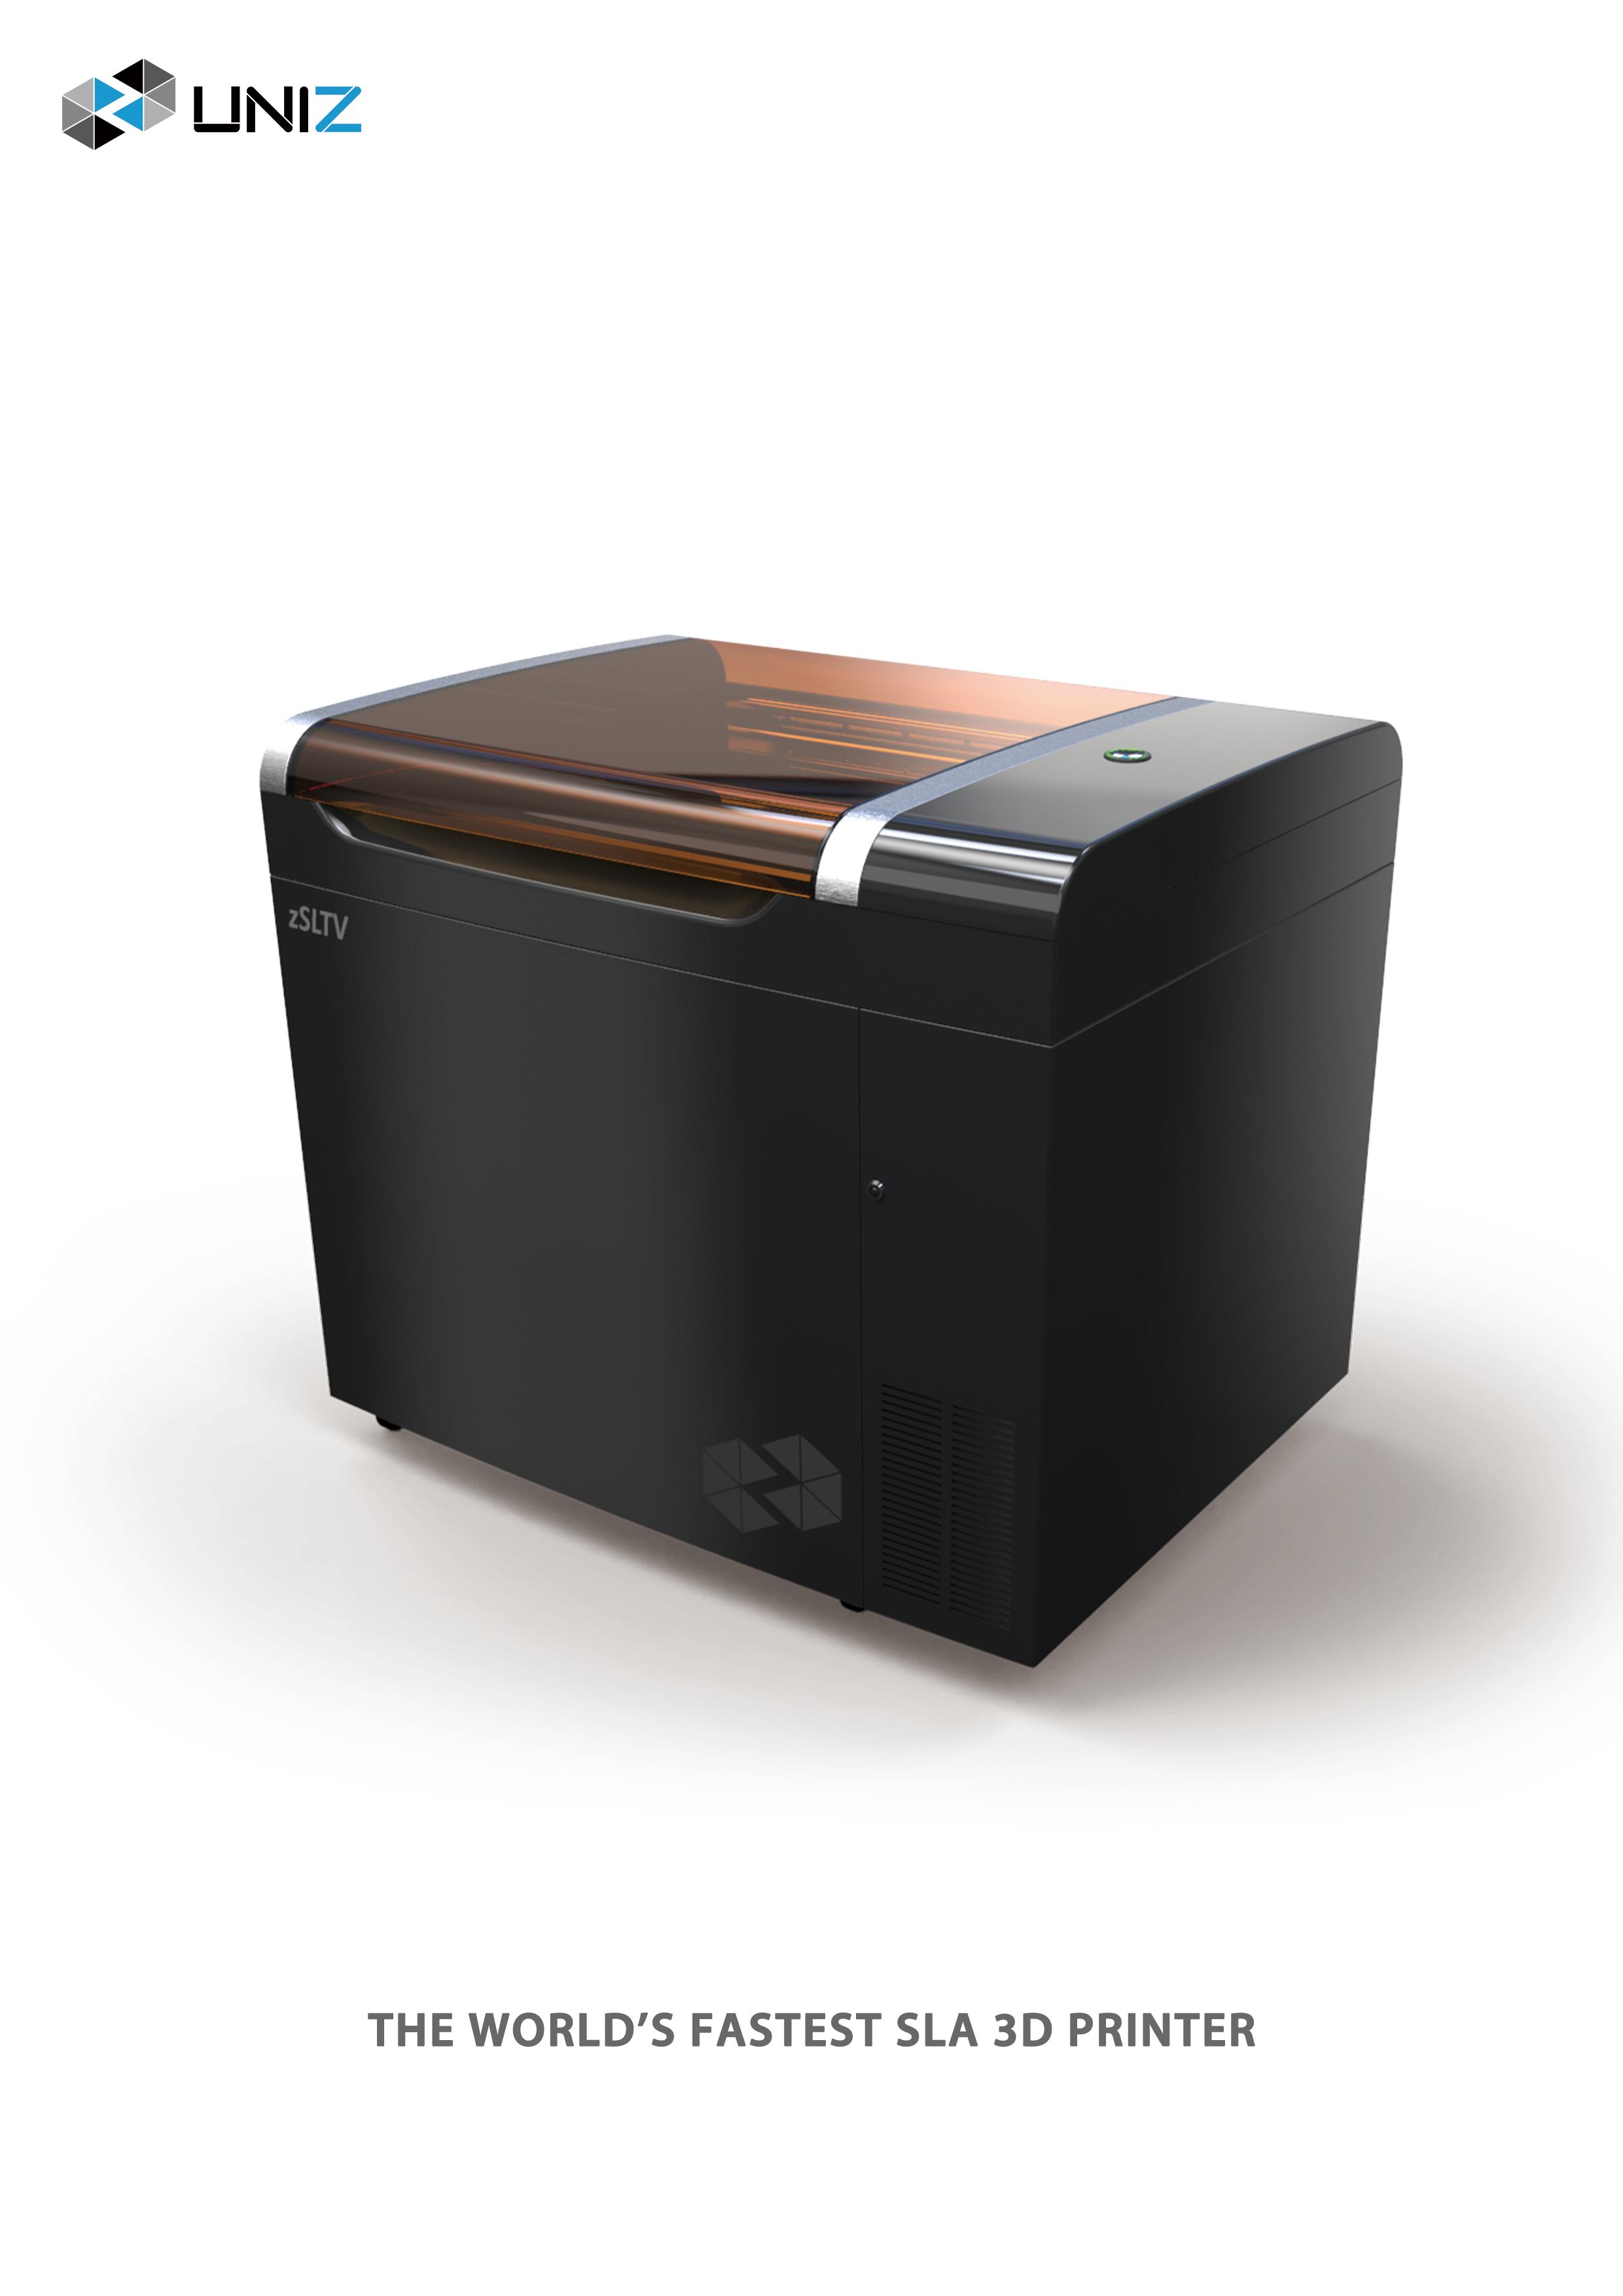 zSLTV UNIZ LCD SLA Drucker - UNIZ stellt 5 neue 3D-Drucker mit Uni-Directional Peel Verfahren vor